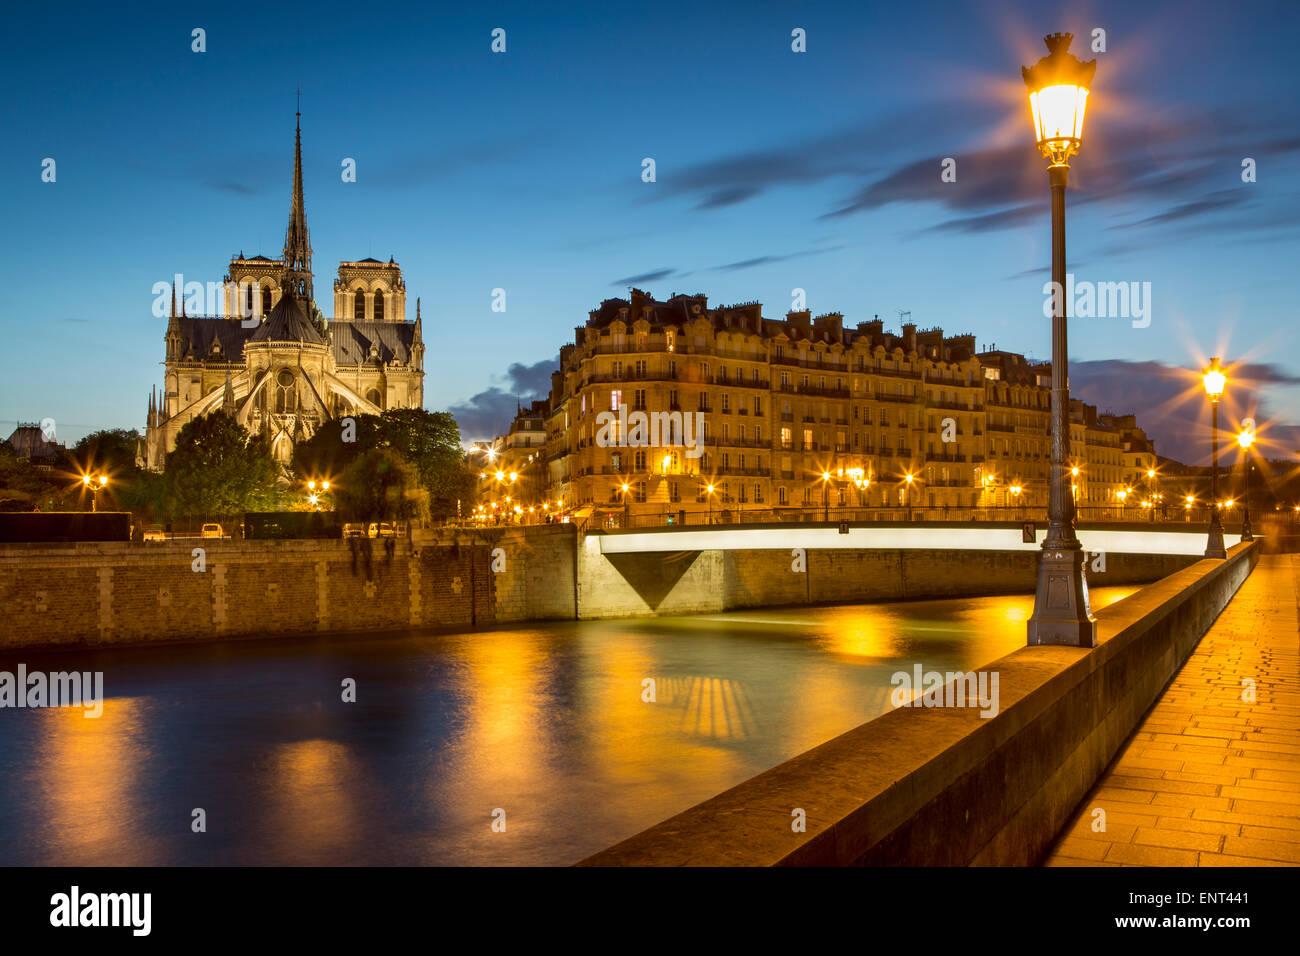 Dämmerung über Ufer, Kathedrale Notre Dame und Gebäude von Paris, Frankreich Stockbild